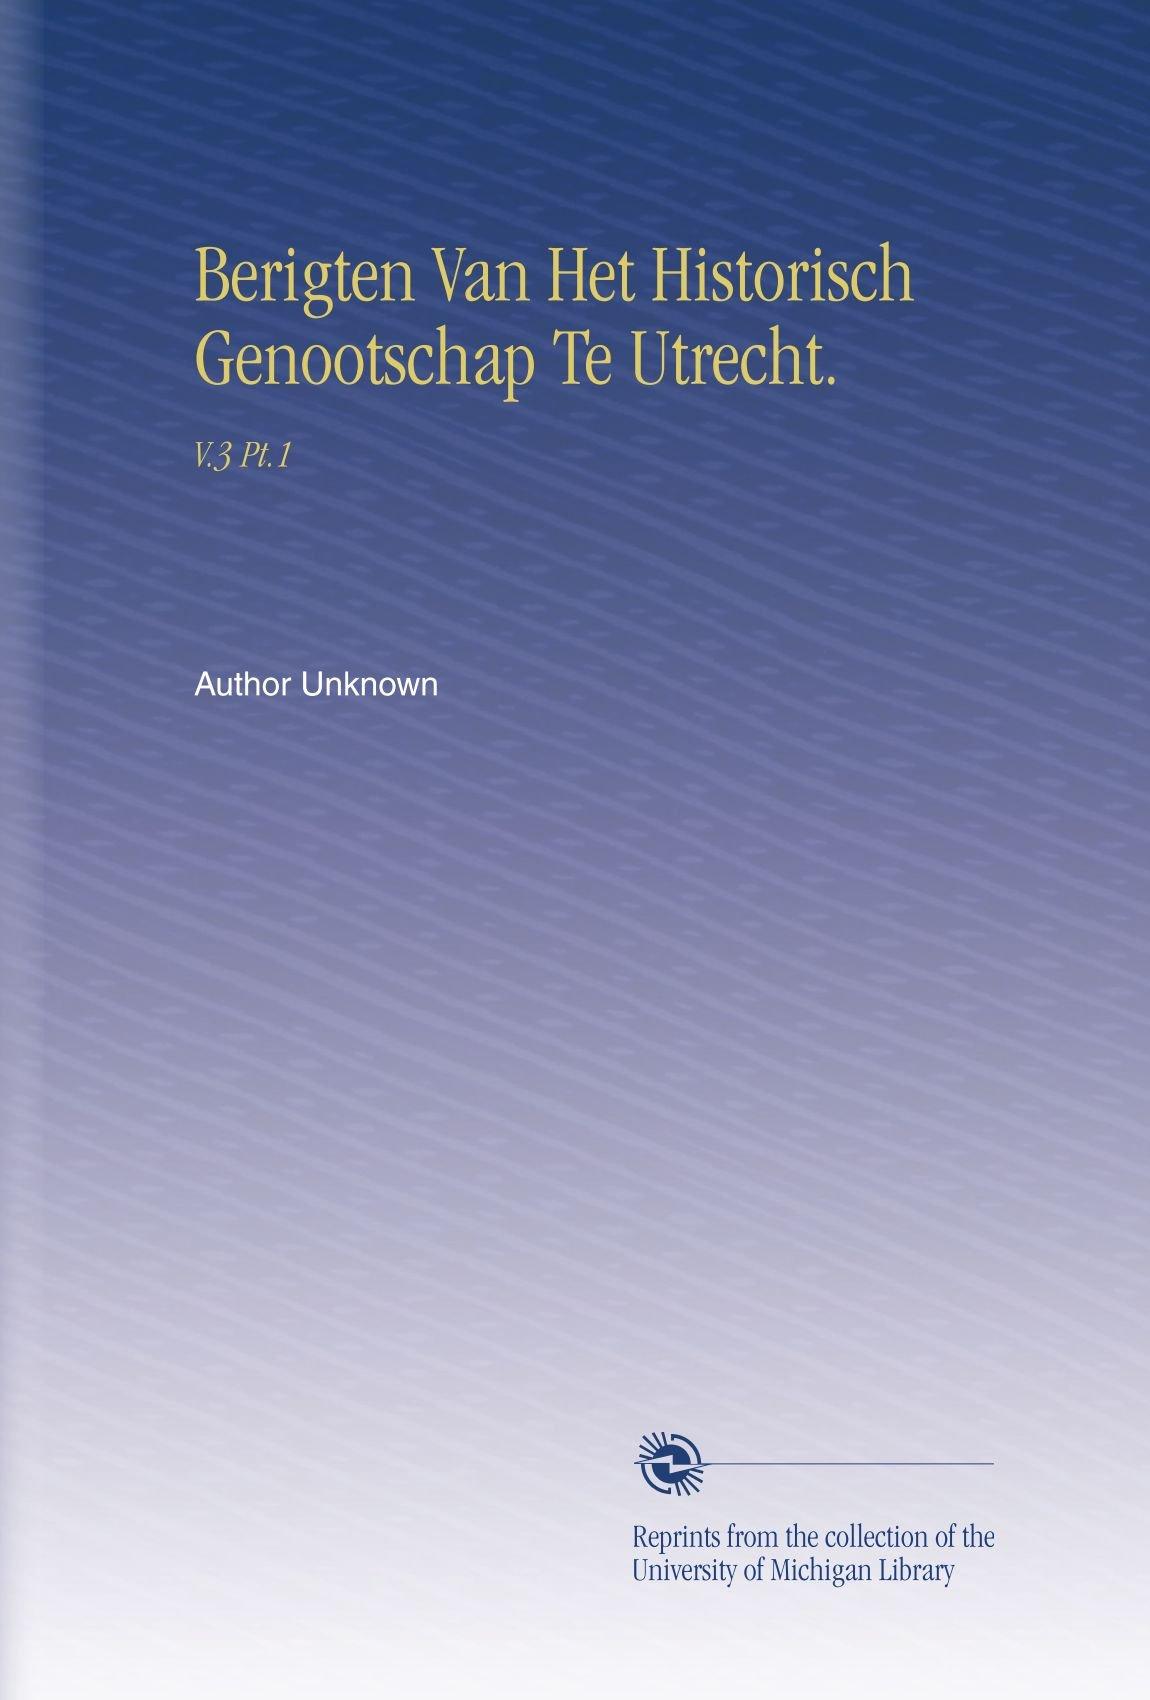 Berigten Van Het Historisch Genootschap Te Utrecht.: V.3 Pt.1 (Dutch Edition) PDF